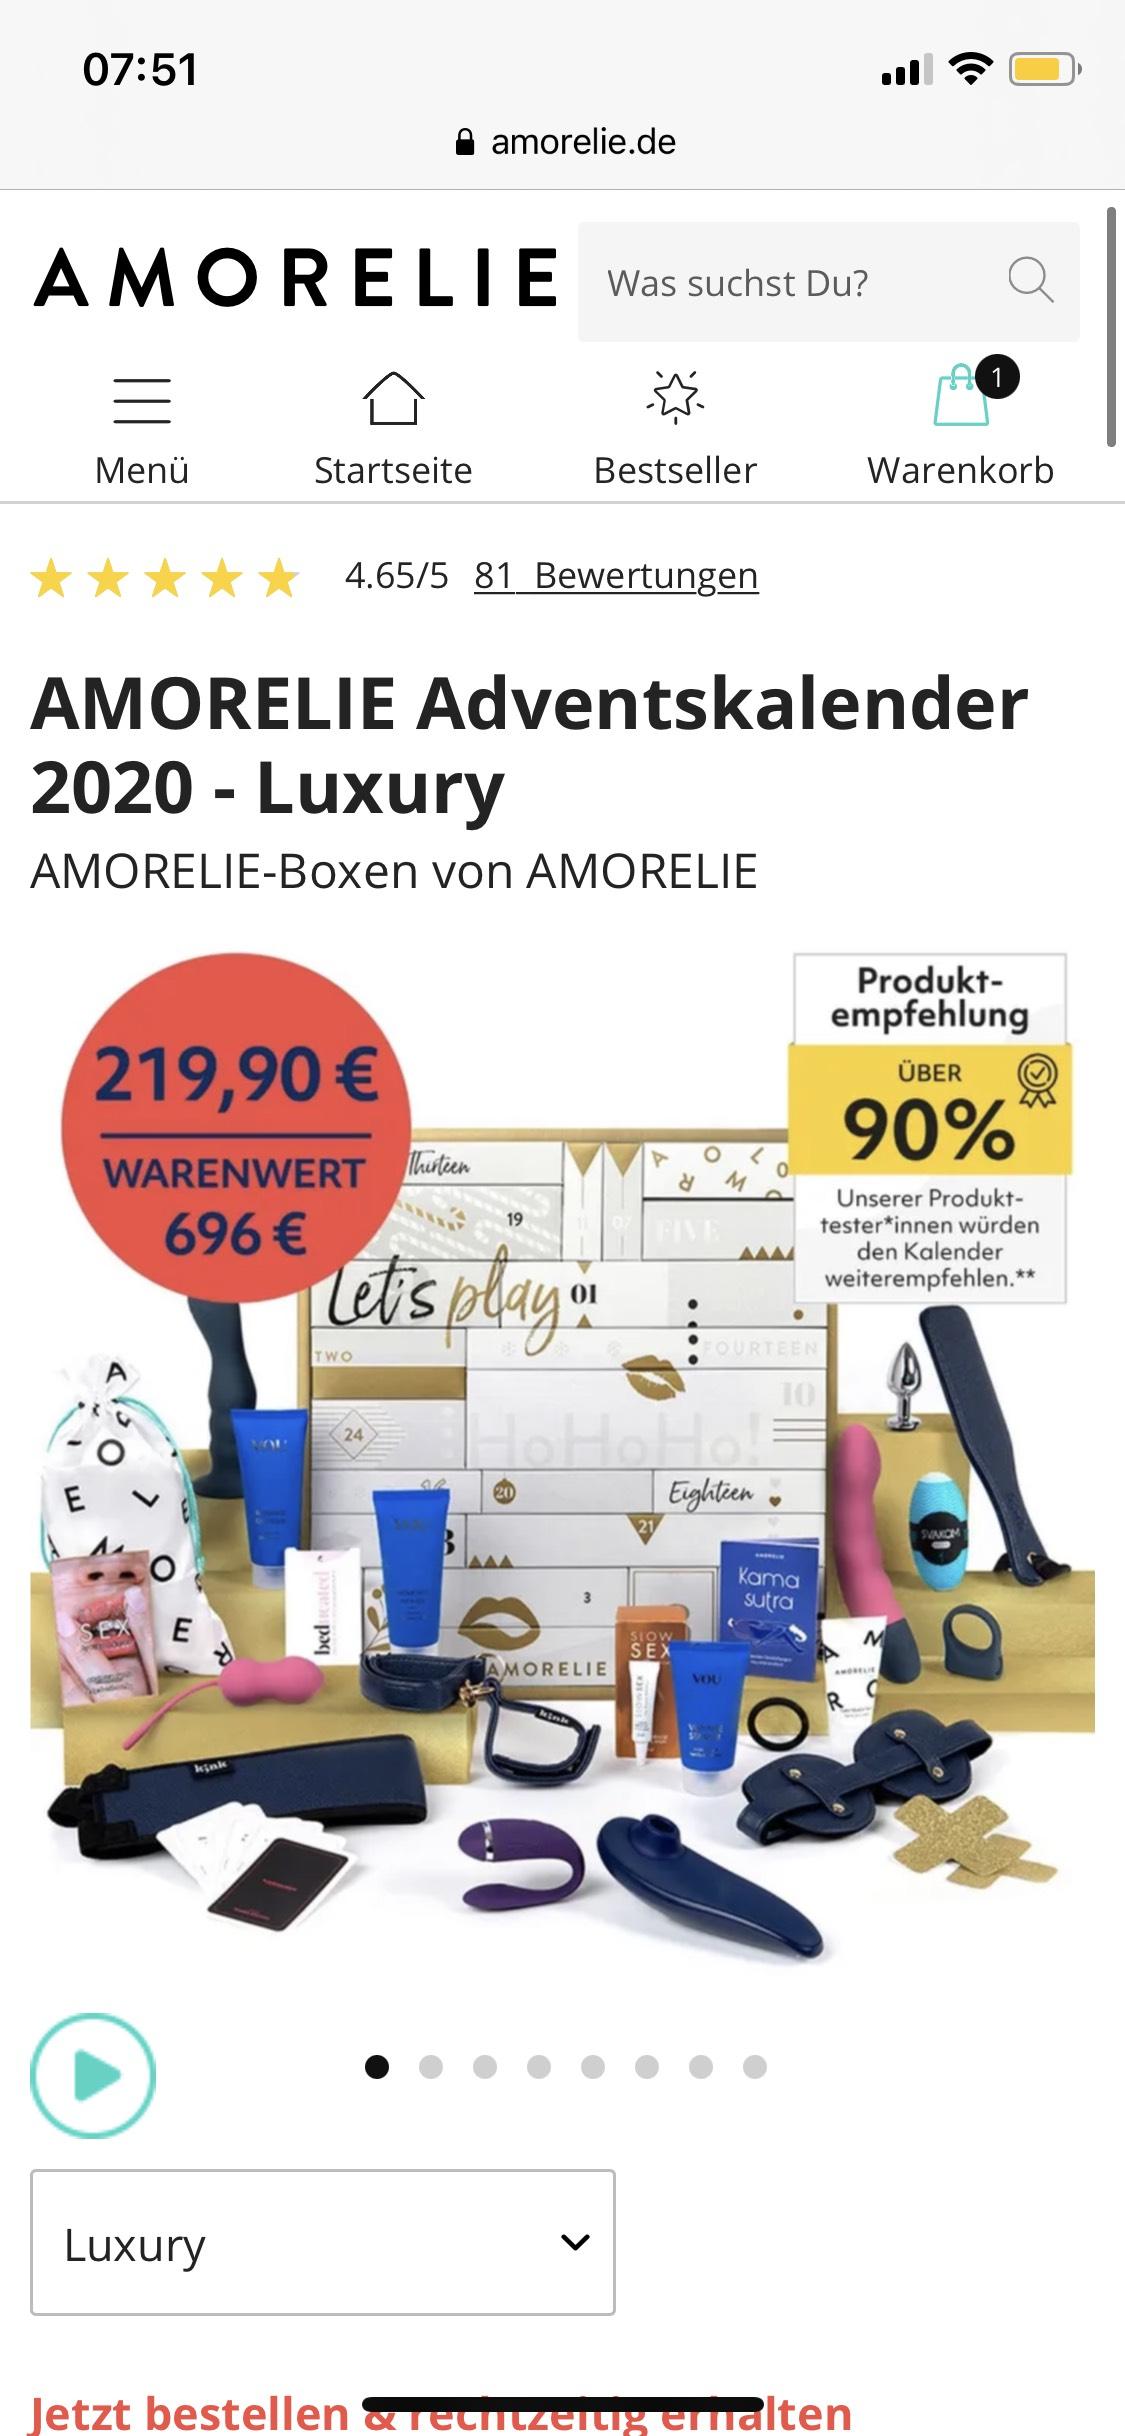 Amorelie Adventskalender luxury für 119,90€